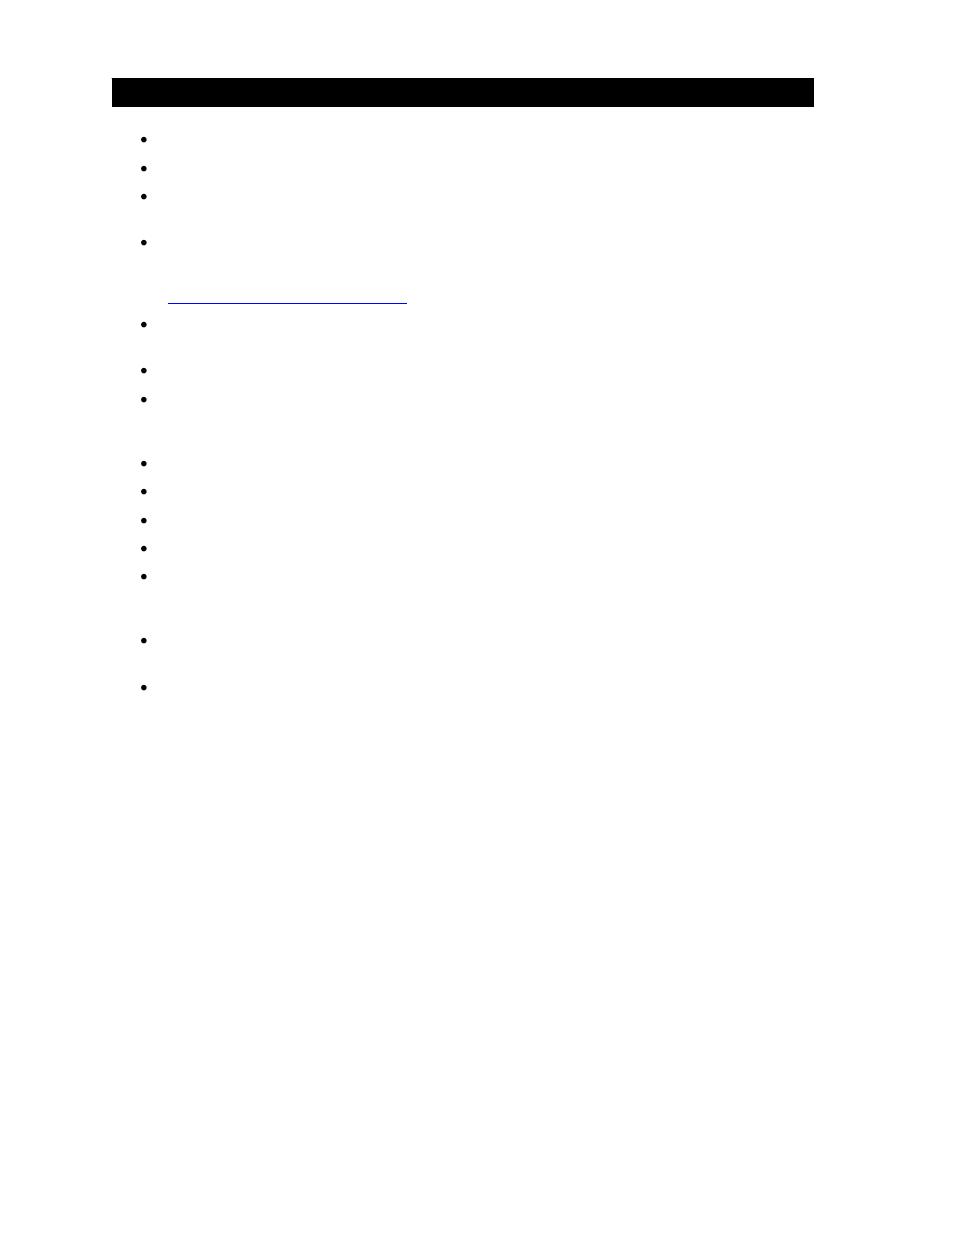 hight resolution of  entry doorking 1838 multi door access controller page8 doorking user manual 2 wiring diagram doorking 1802